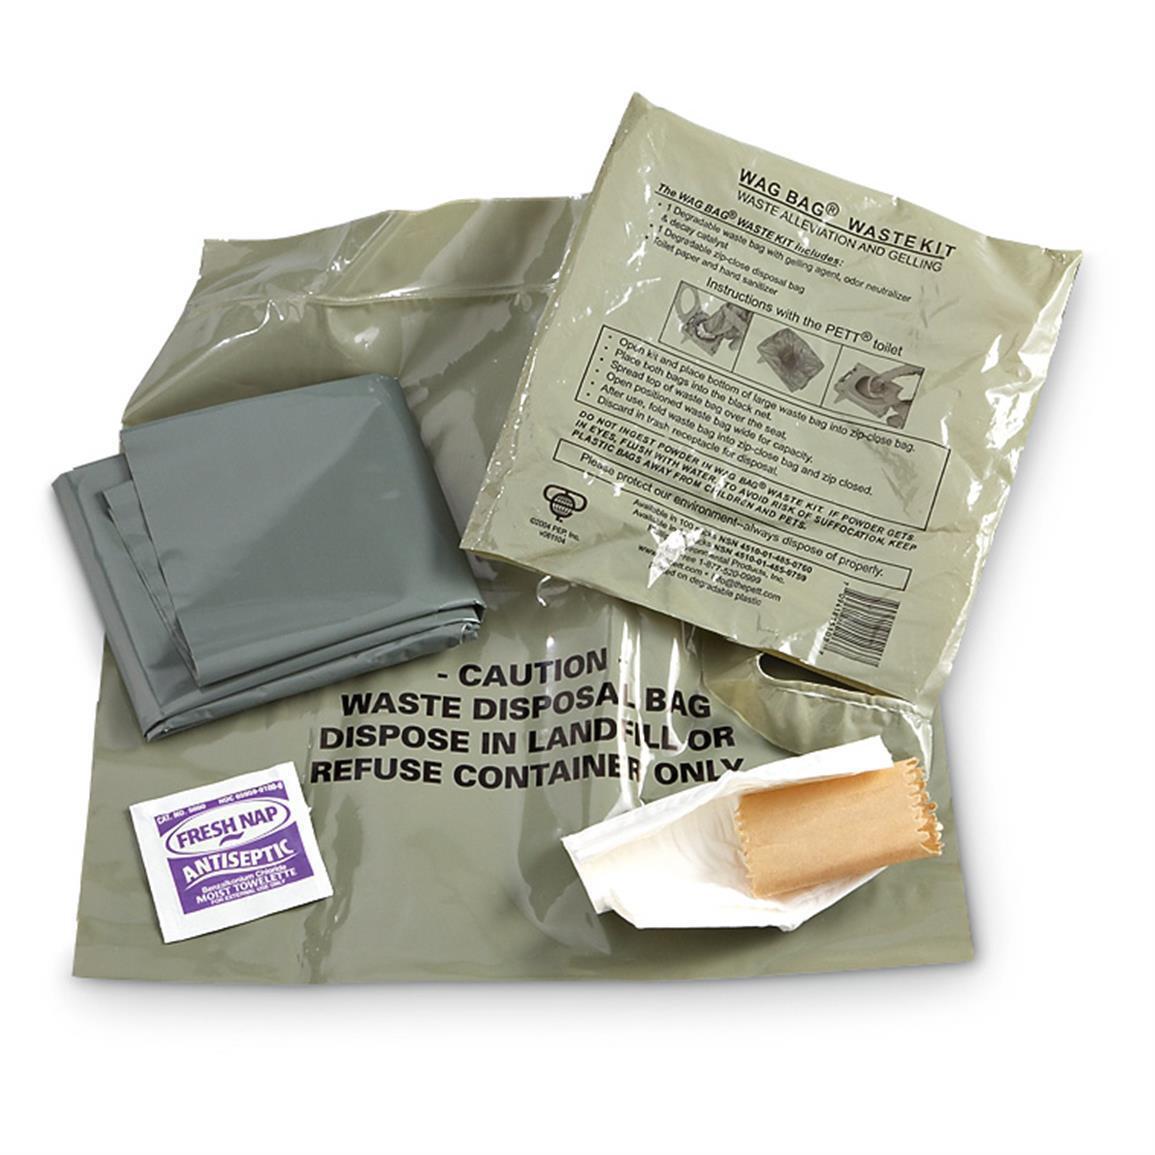 40 pcs WAG bags Discreet Solid Waste Disposal Environmental